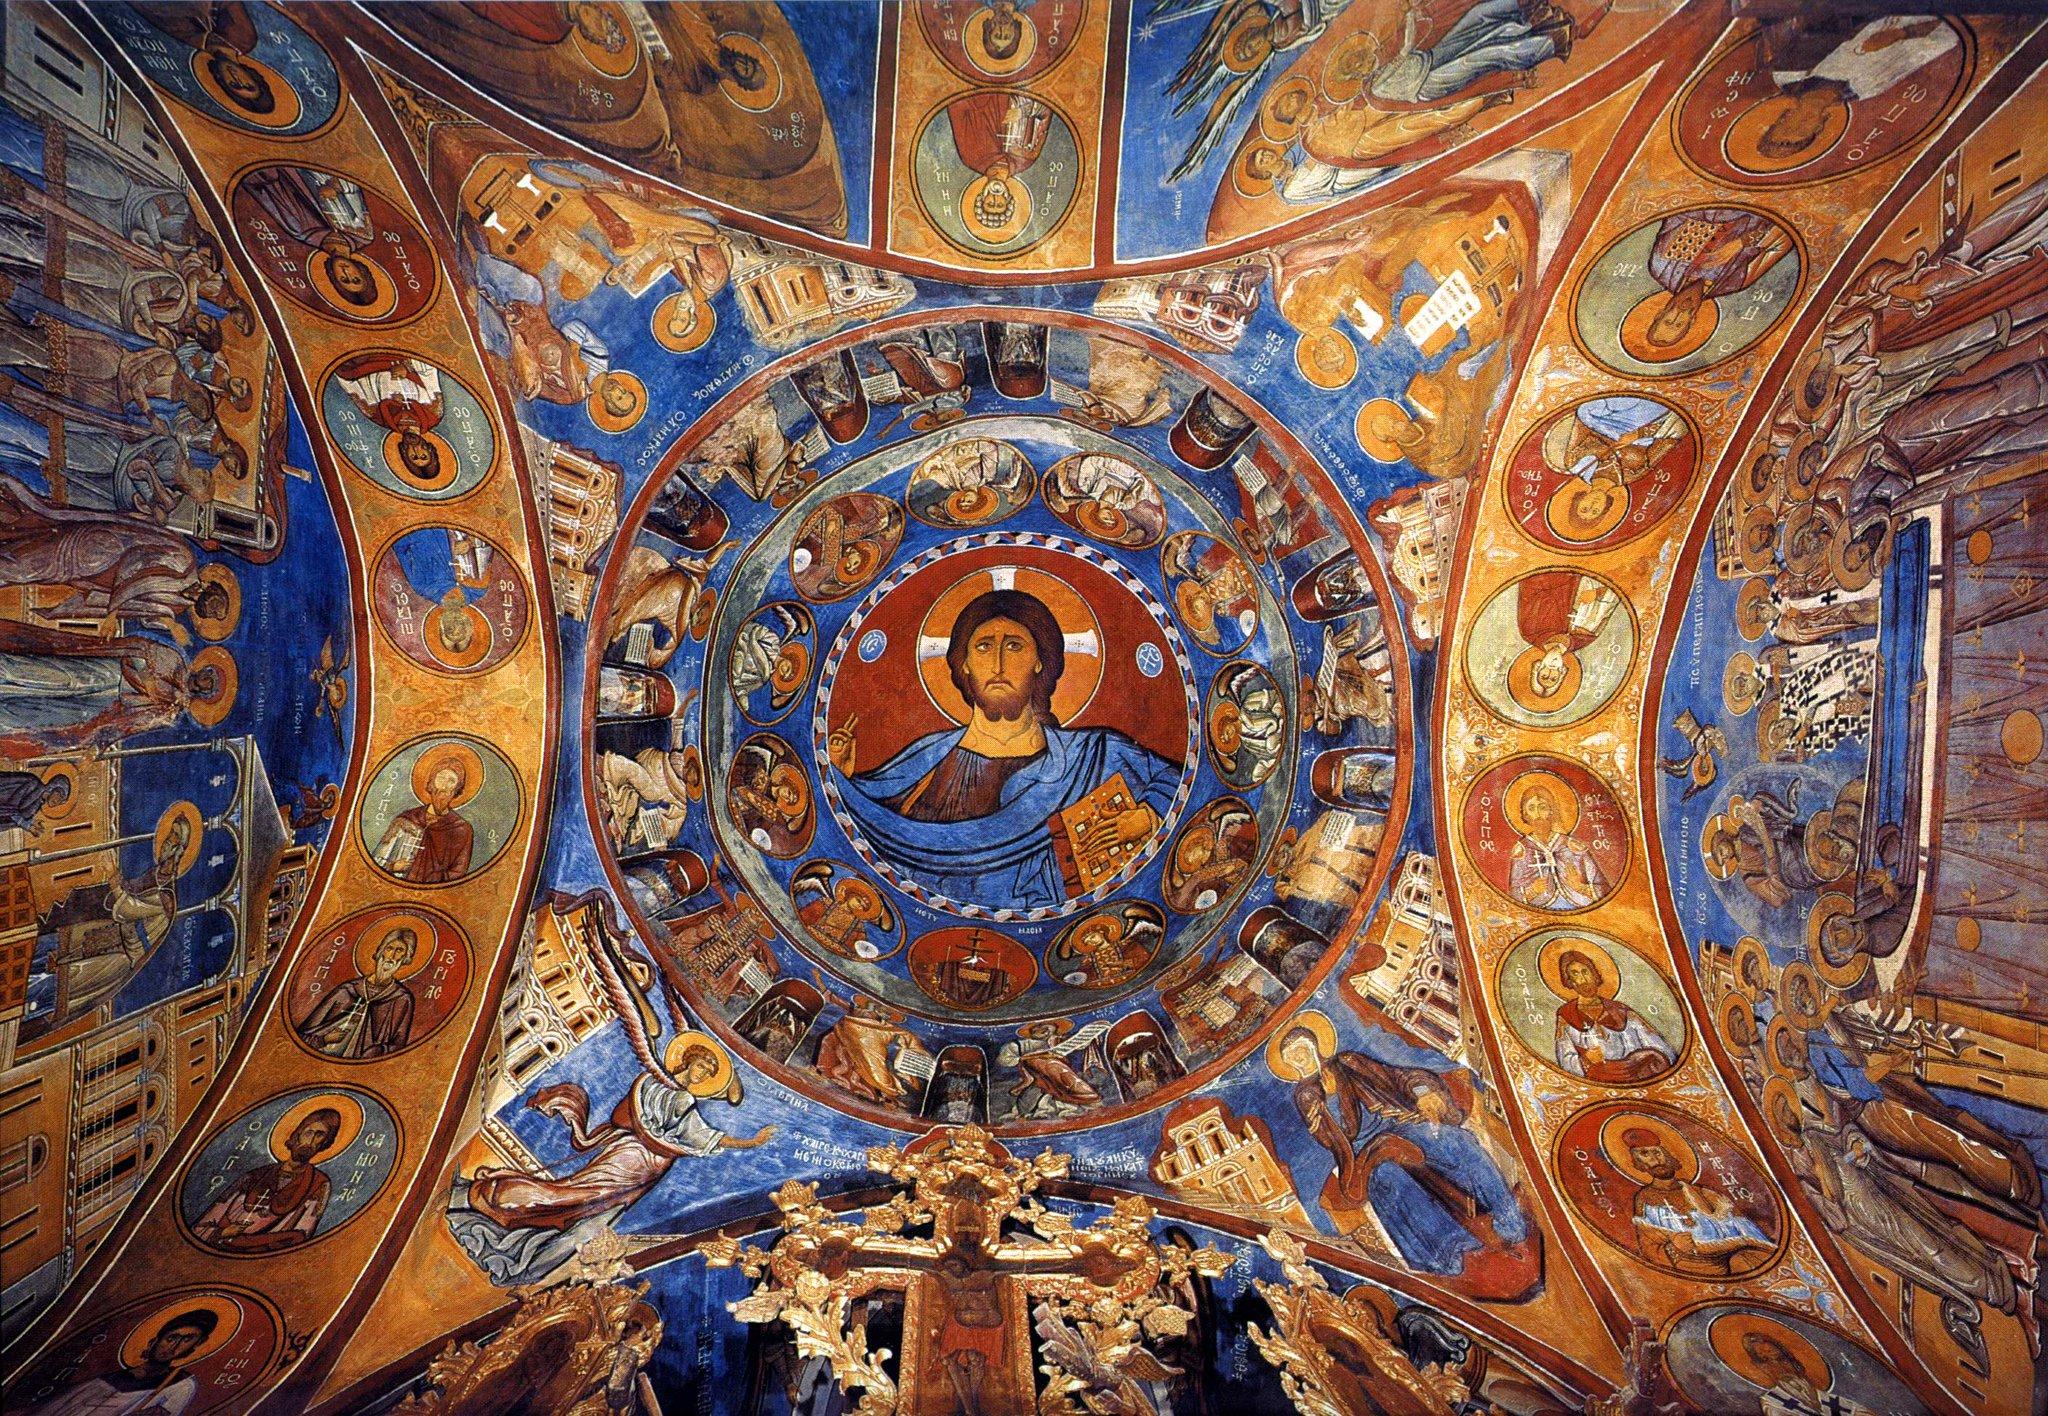 византийская культура в картинках этой